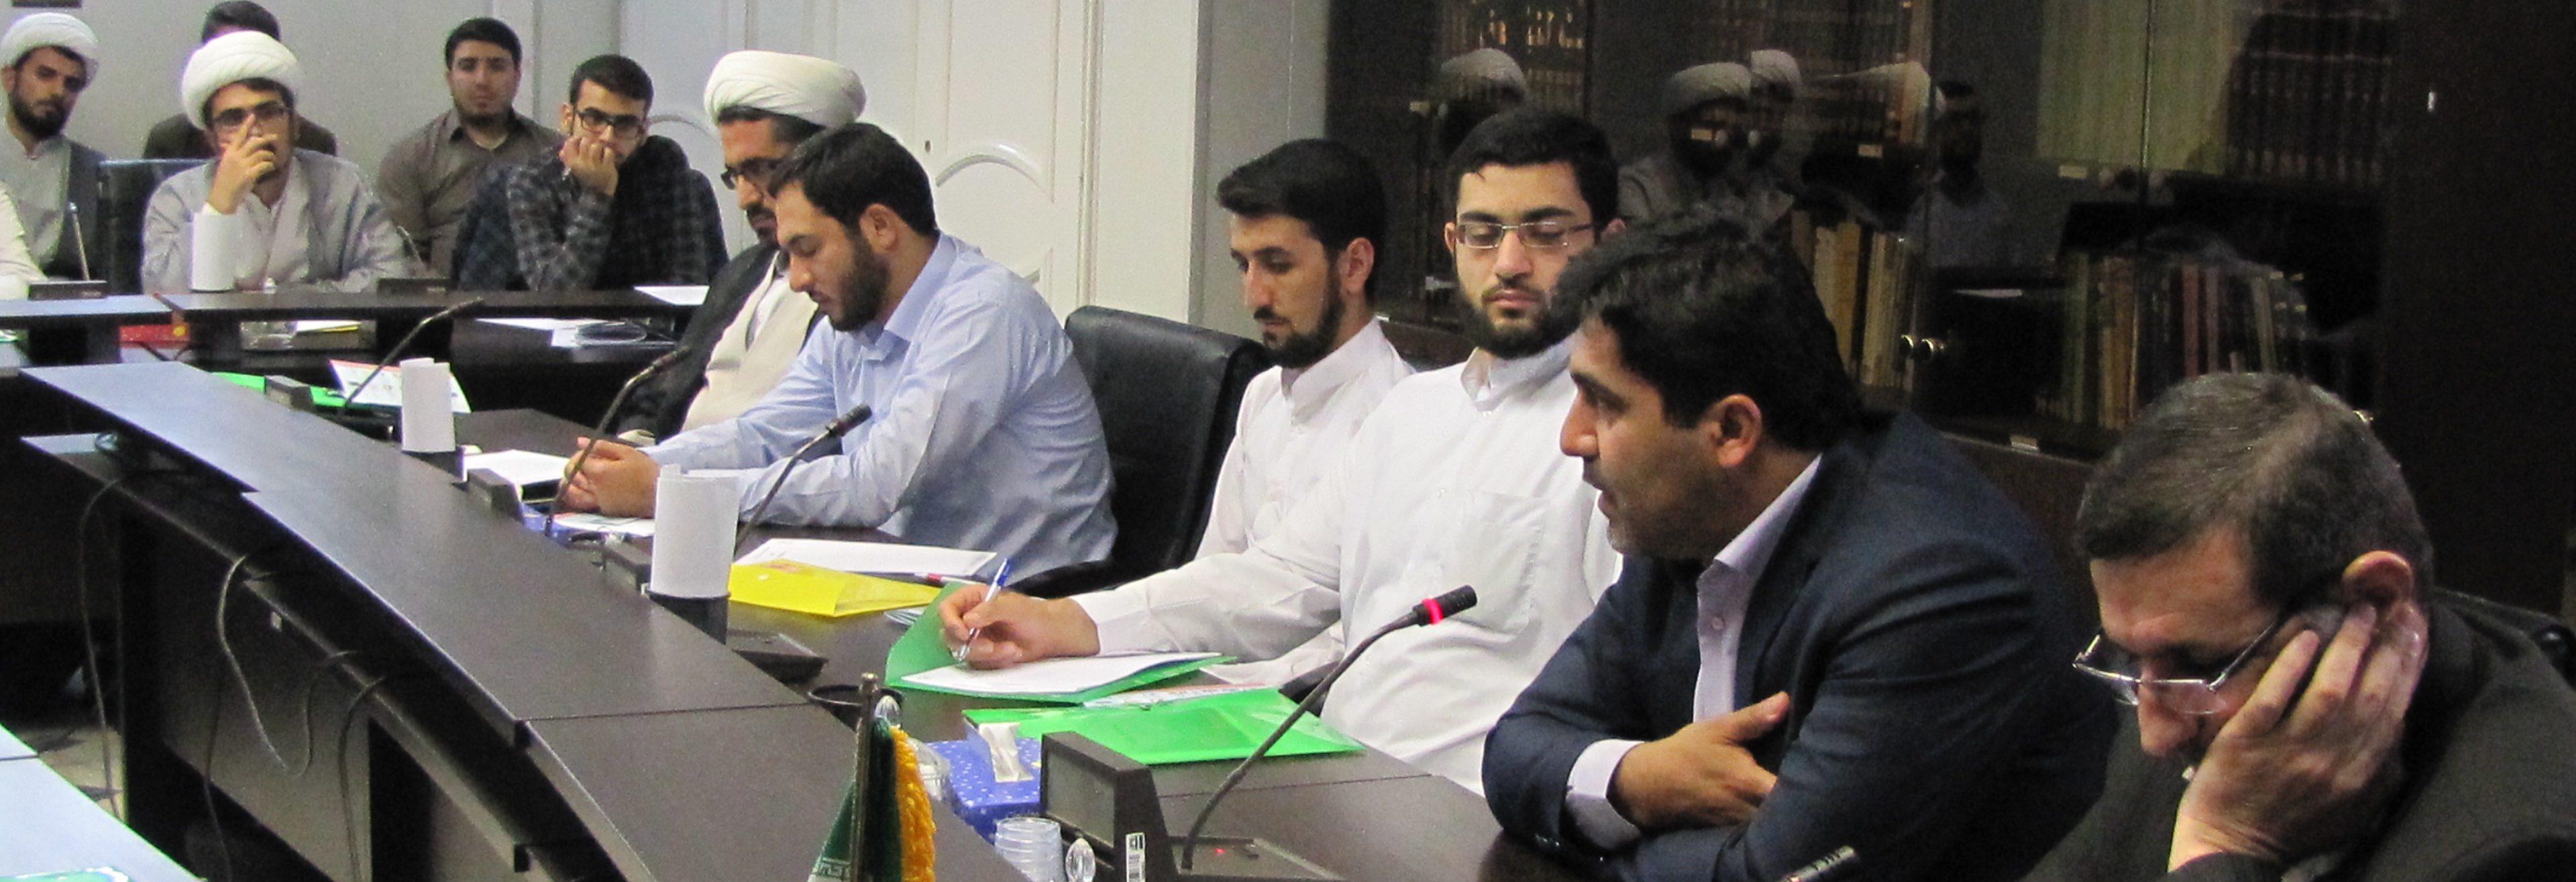 التقنين الثقافي عنوان ورشة بمركز الدراسات الإسلامية